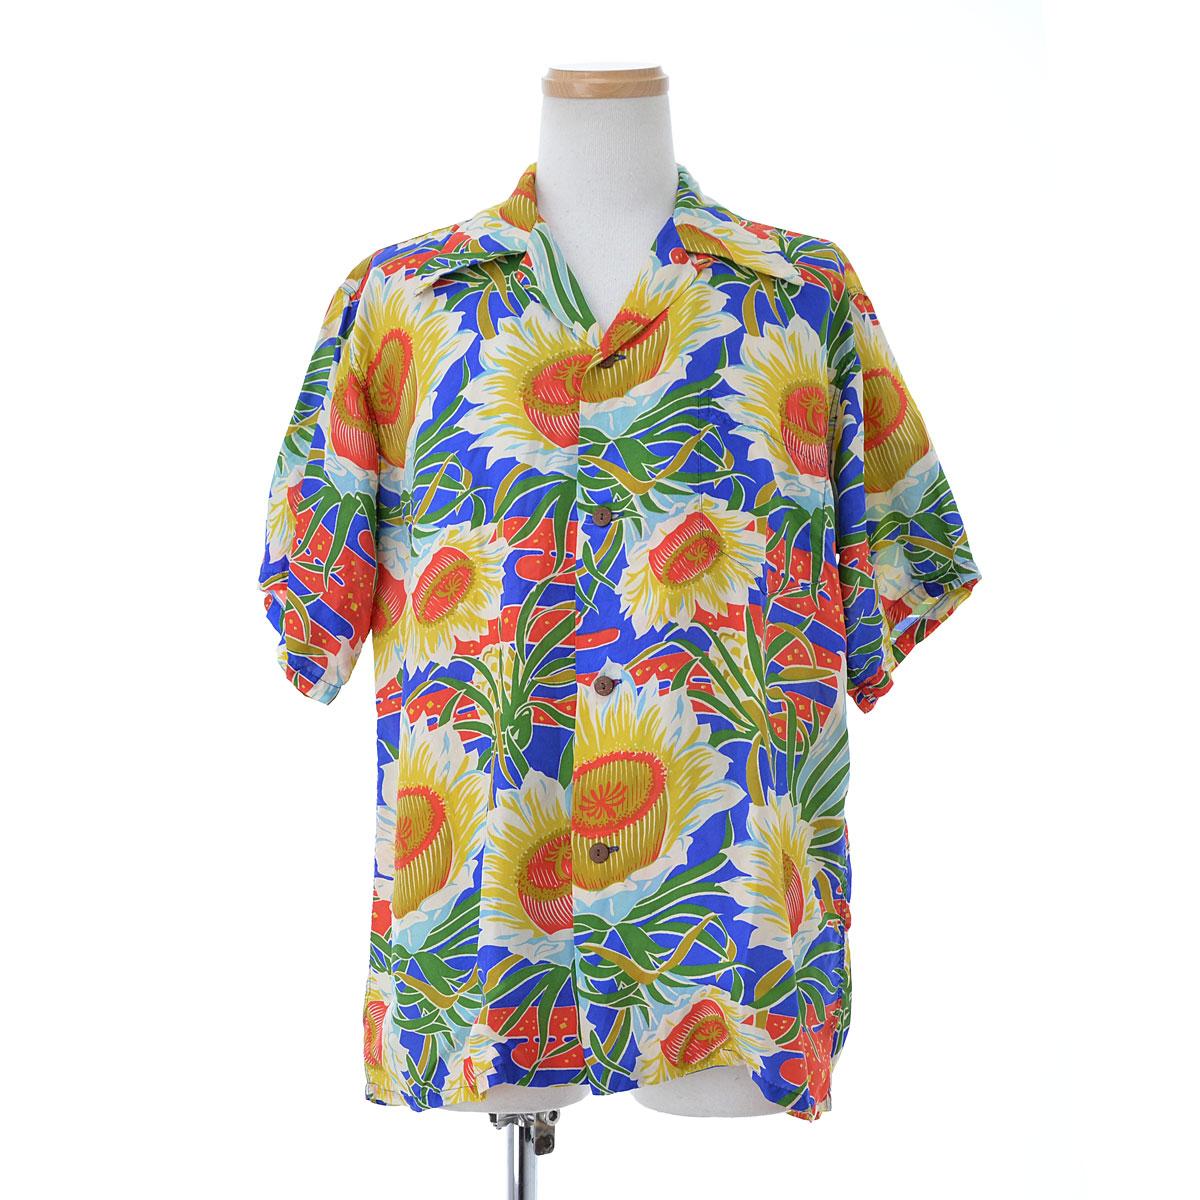 VINTAGE / ヴィンテージ50s Hawaiian Casuals社製 オーバーパターンハワイアン半袖シャツ【ヴィンテージ】【送料無料】【cabeahab-m】